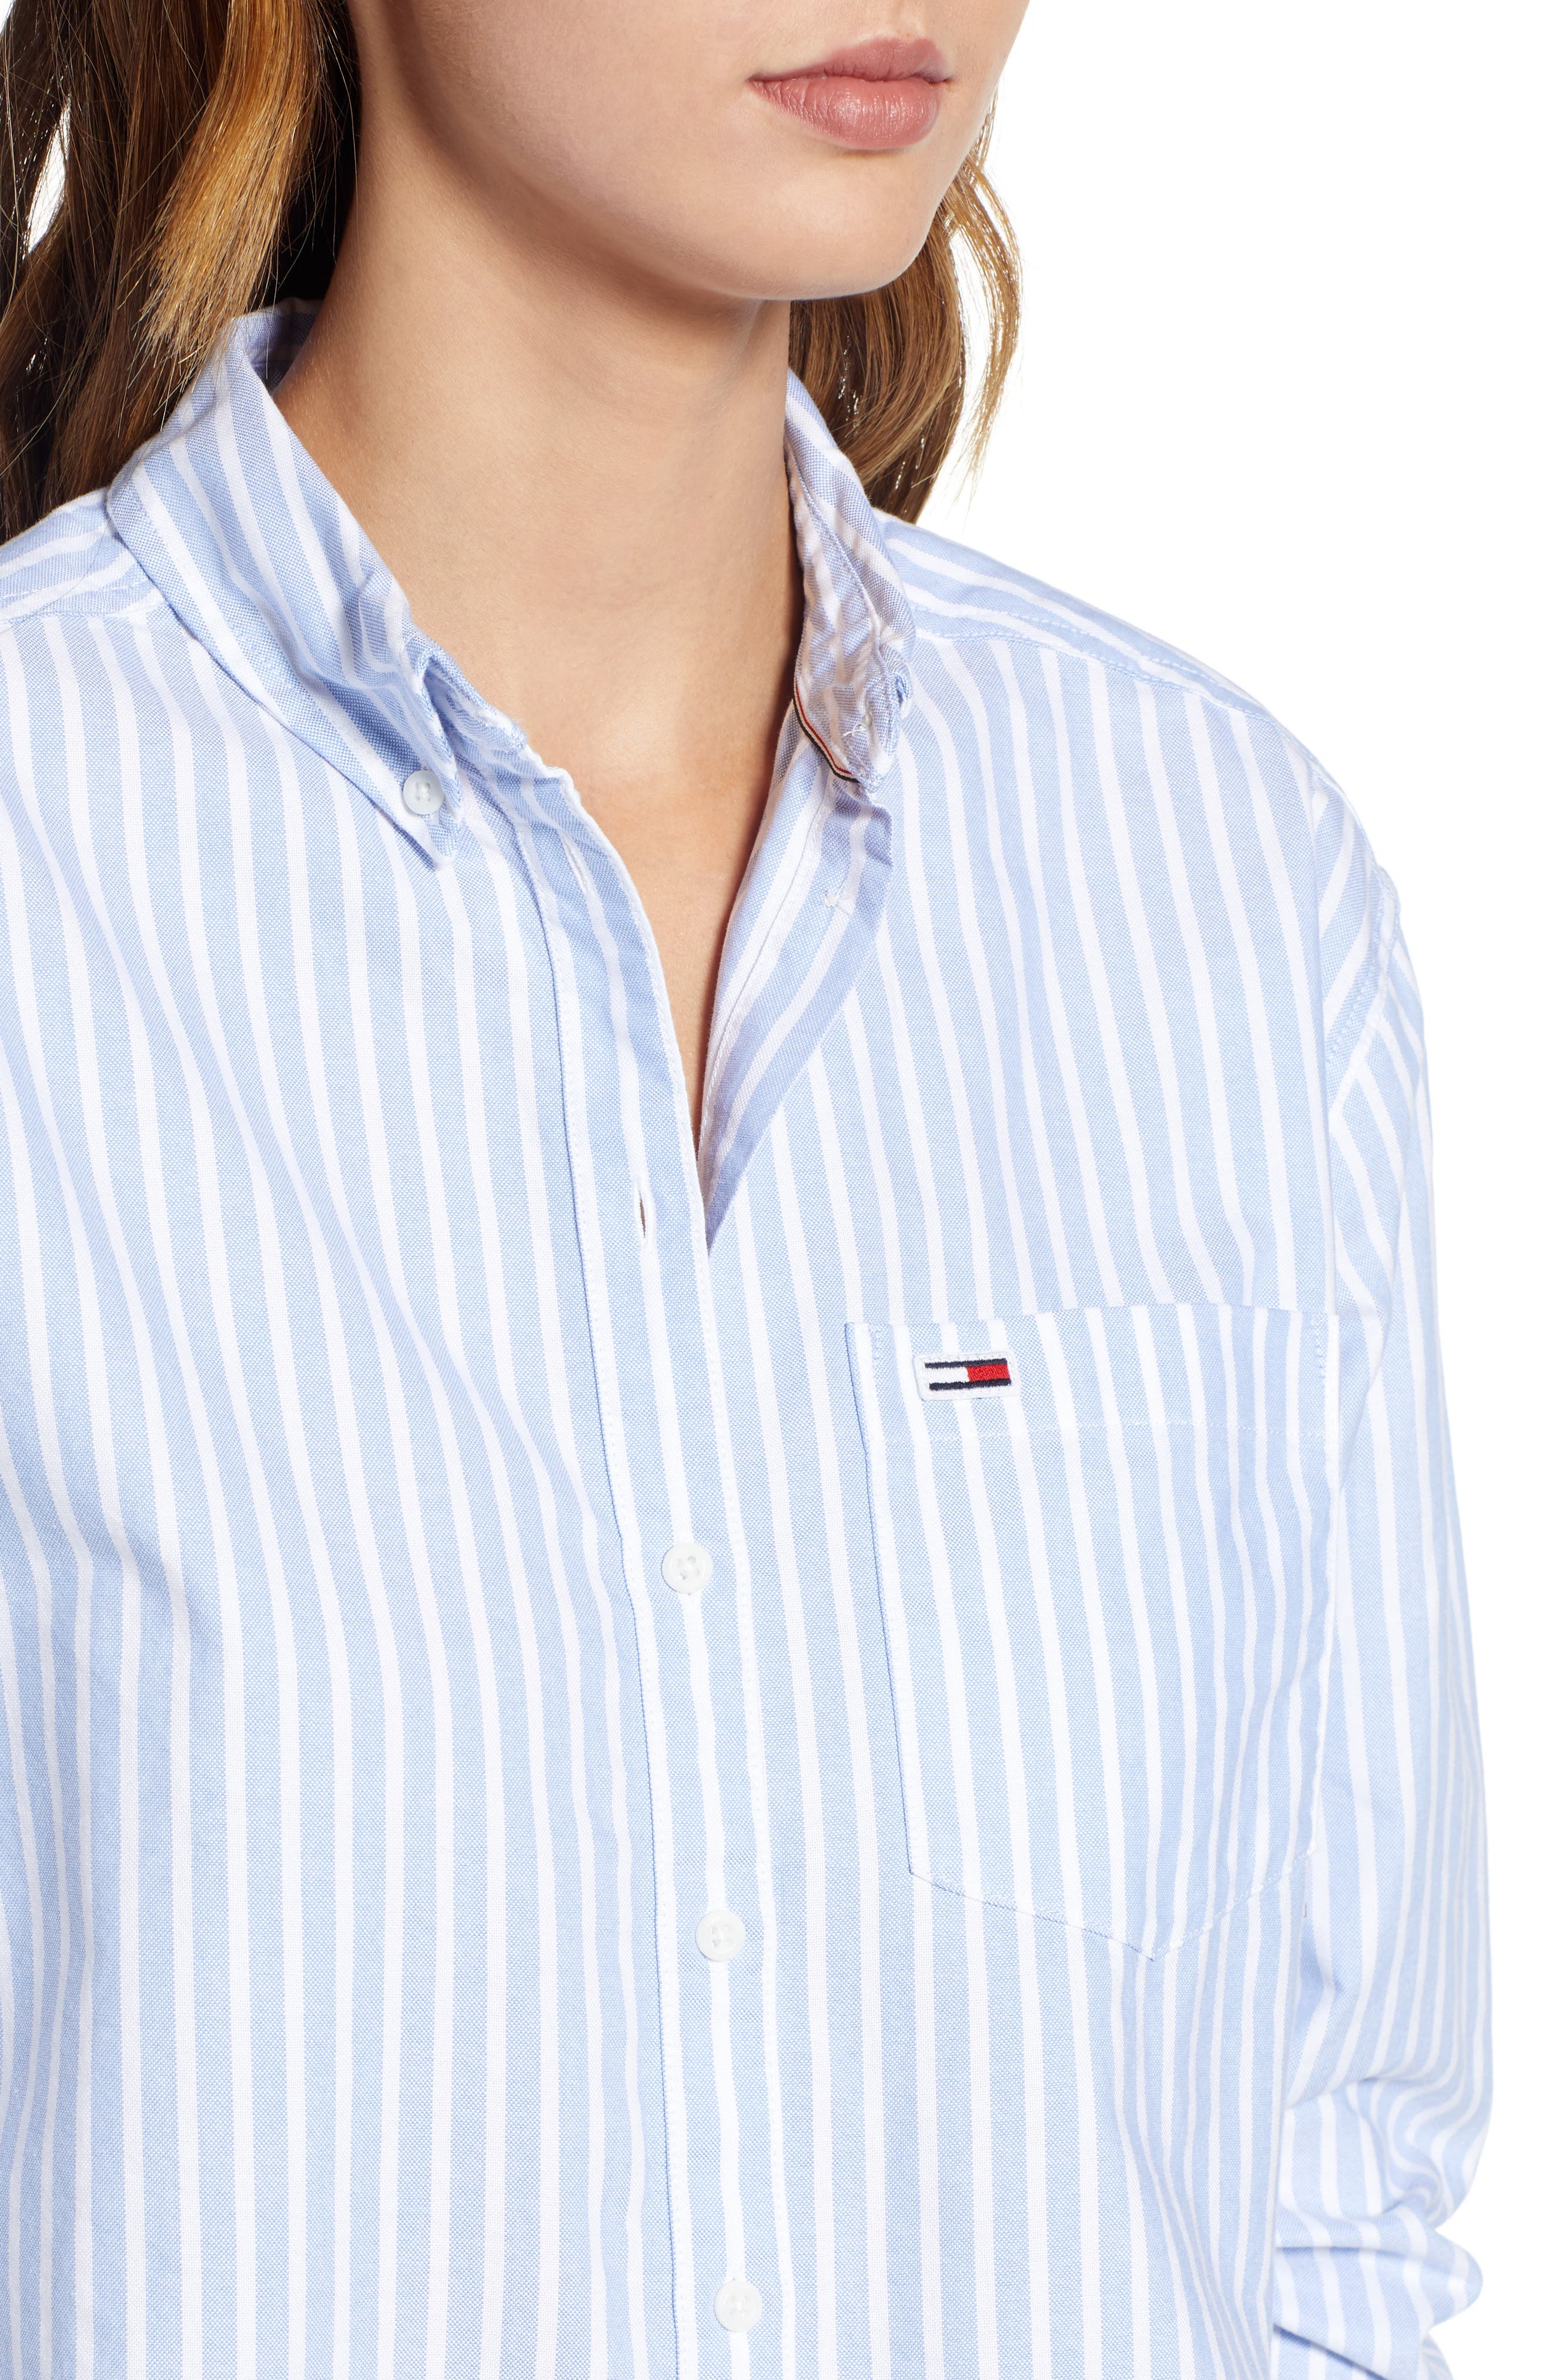 Classics Stripe Shirt,                             Alternate thumbnail 3, color,                             Light Blue / Bright White